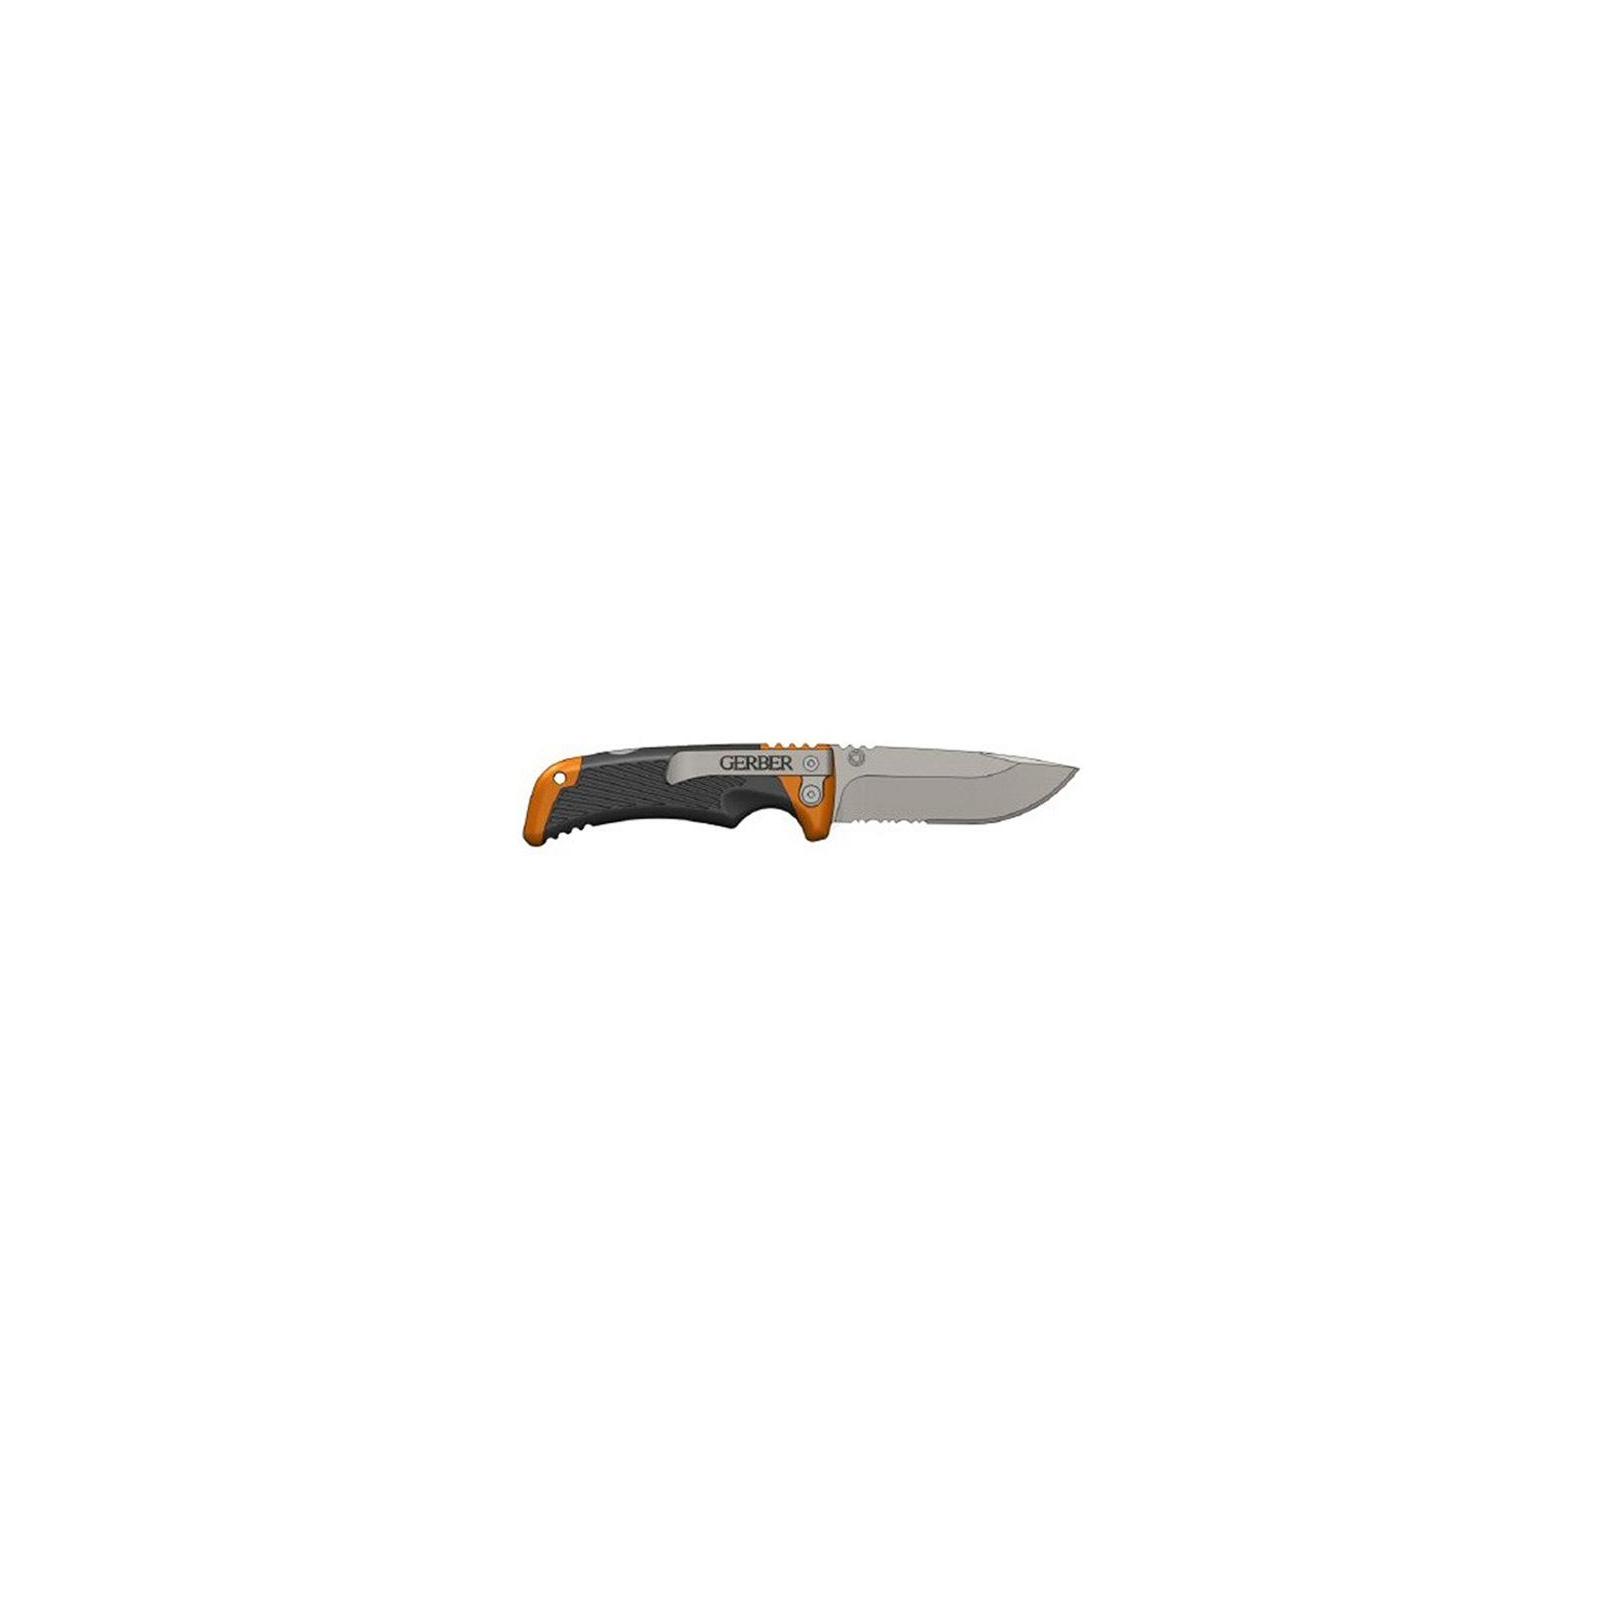 Нож Gerber Bear Grylls Scout (31-000754) изображение 2